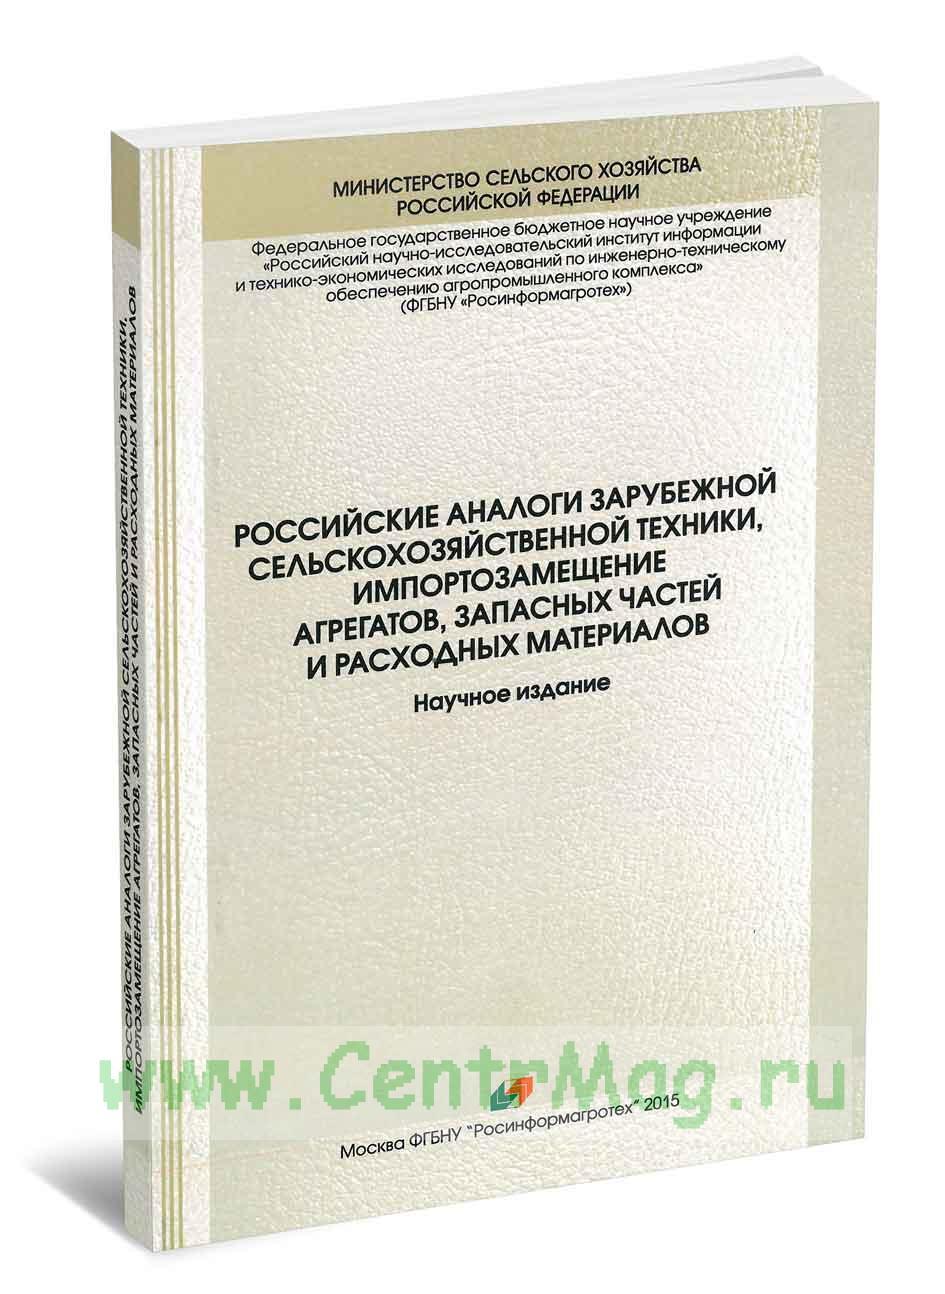 Российские аналоги зарубежной сельскохозяйственной техники, импортозамещение агрегатов, запасных частей и расходных материалов